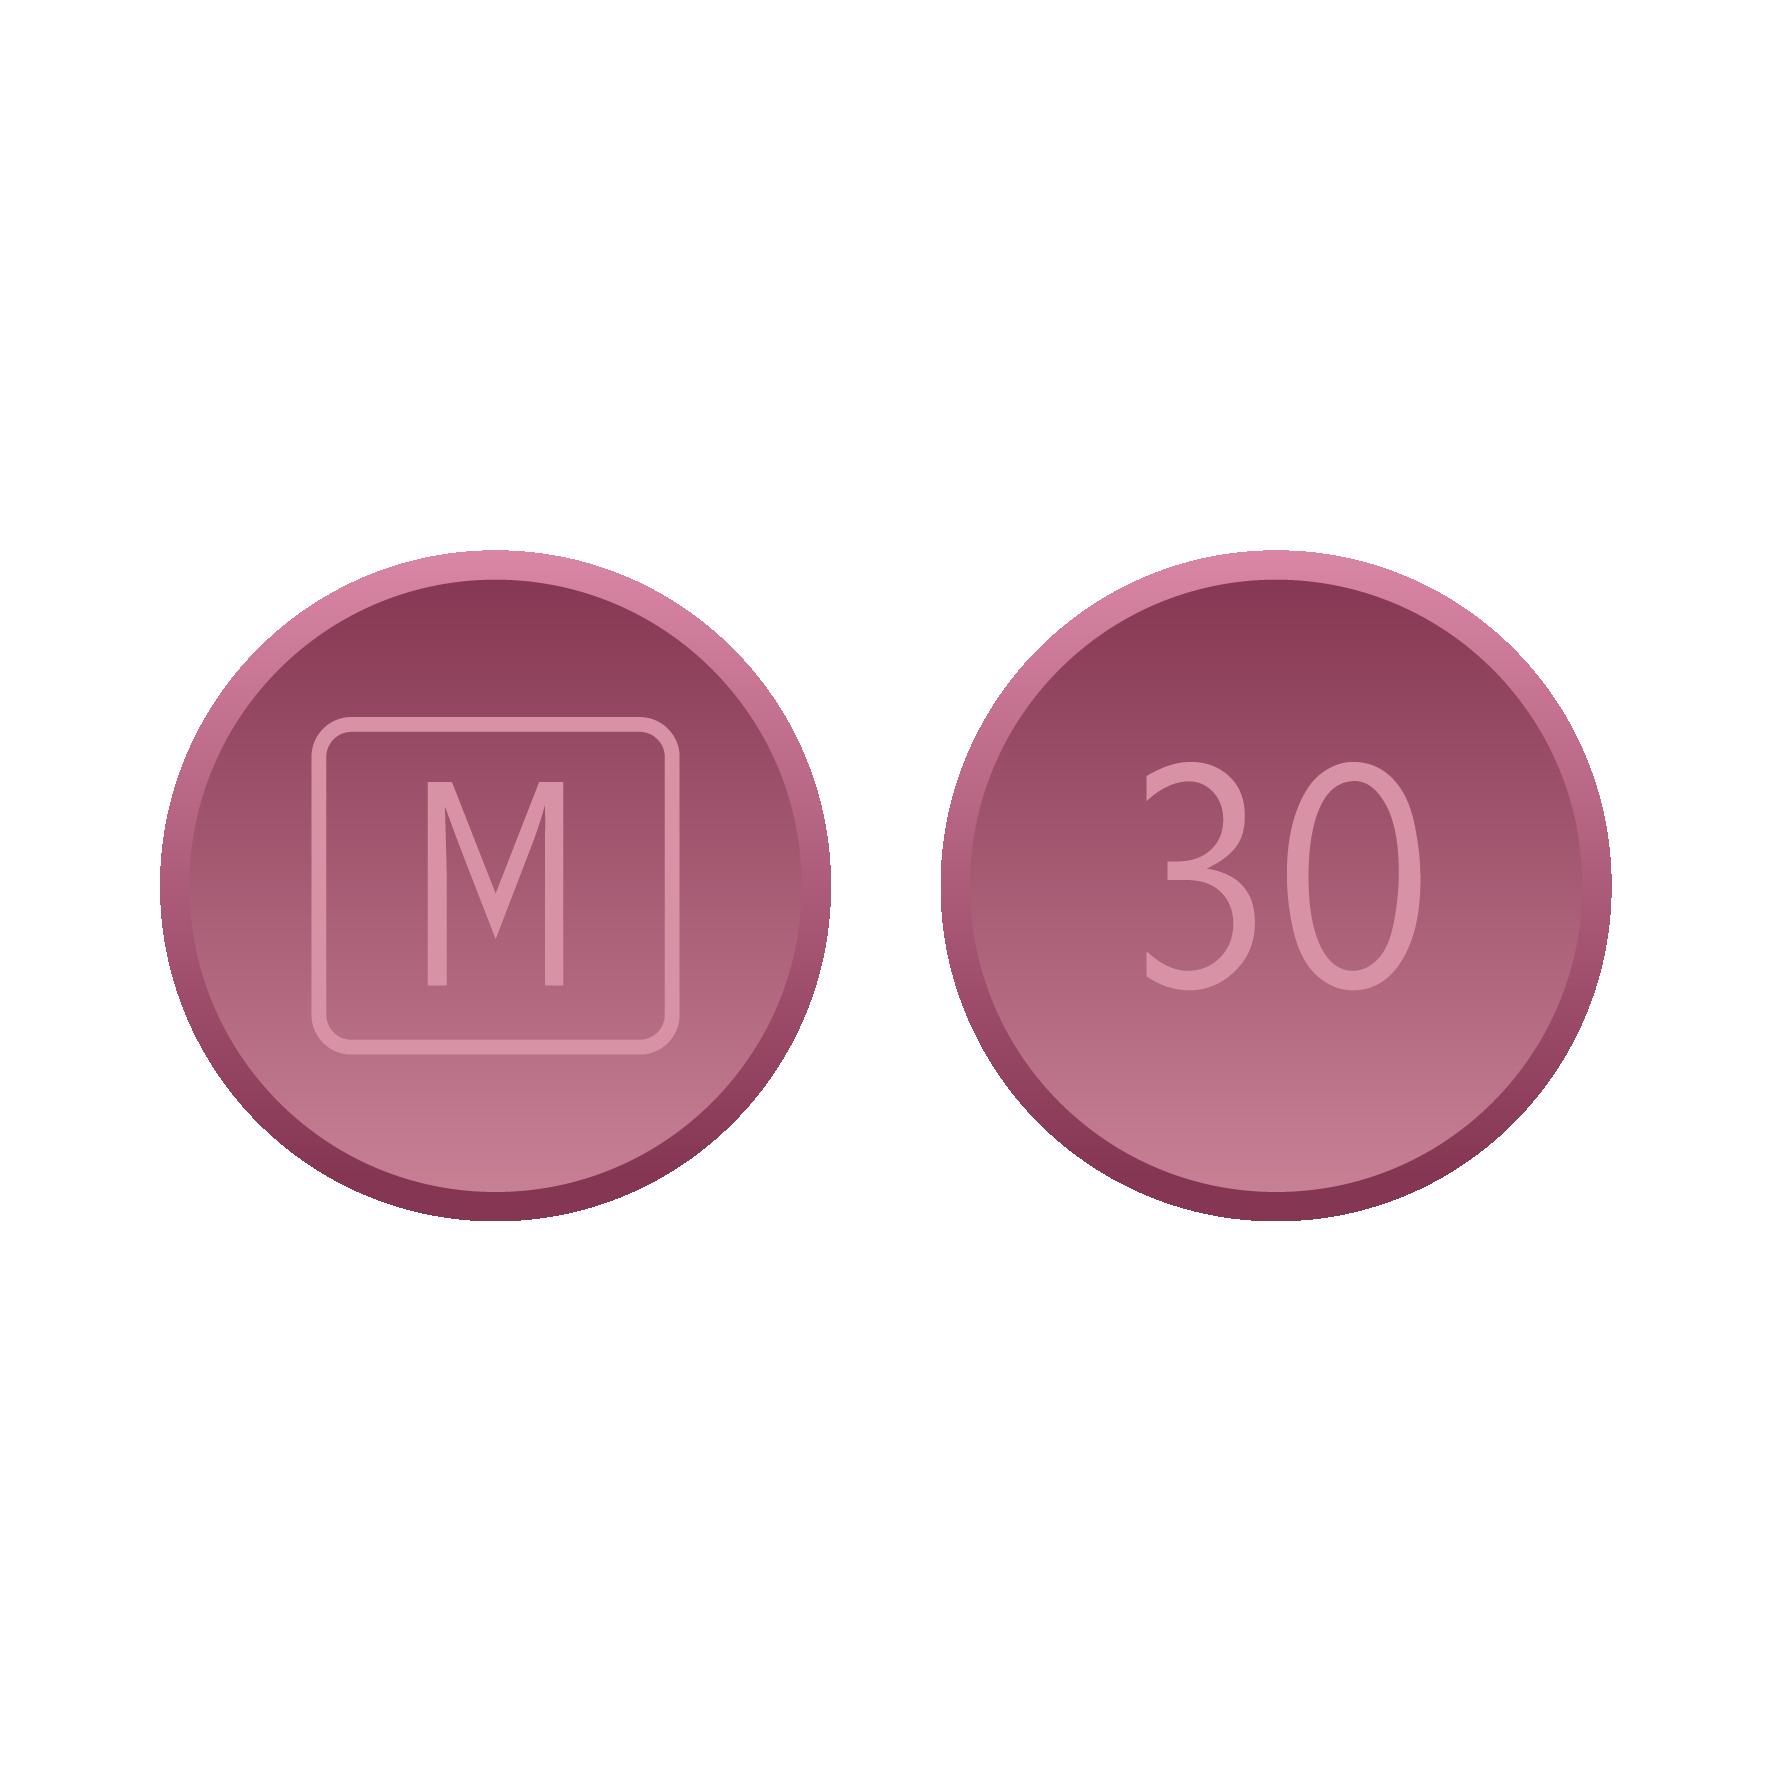 Morphine 30